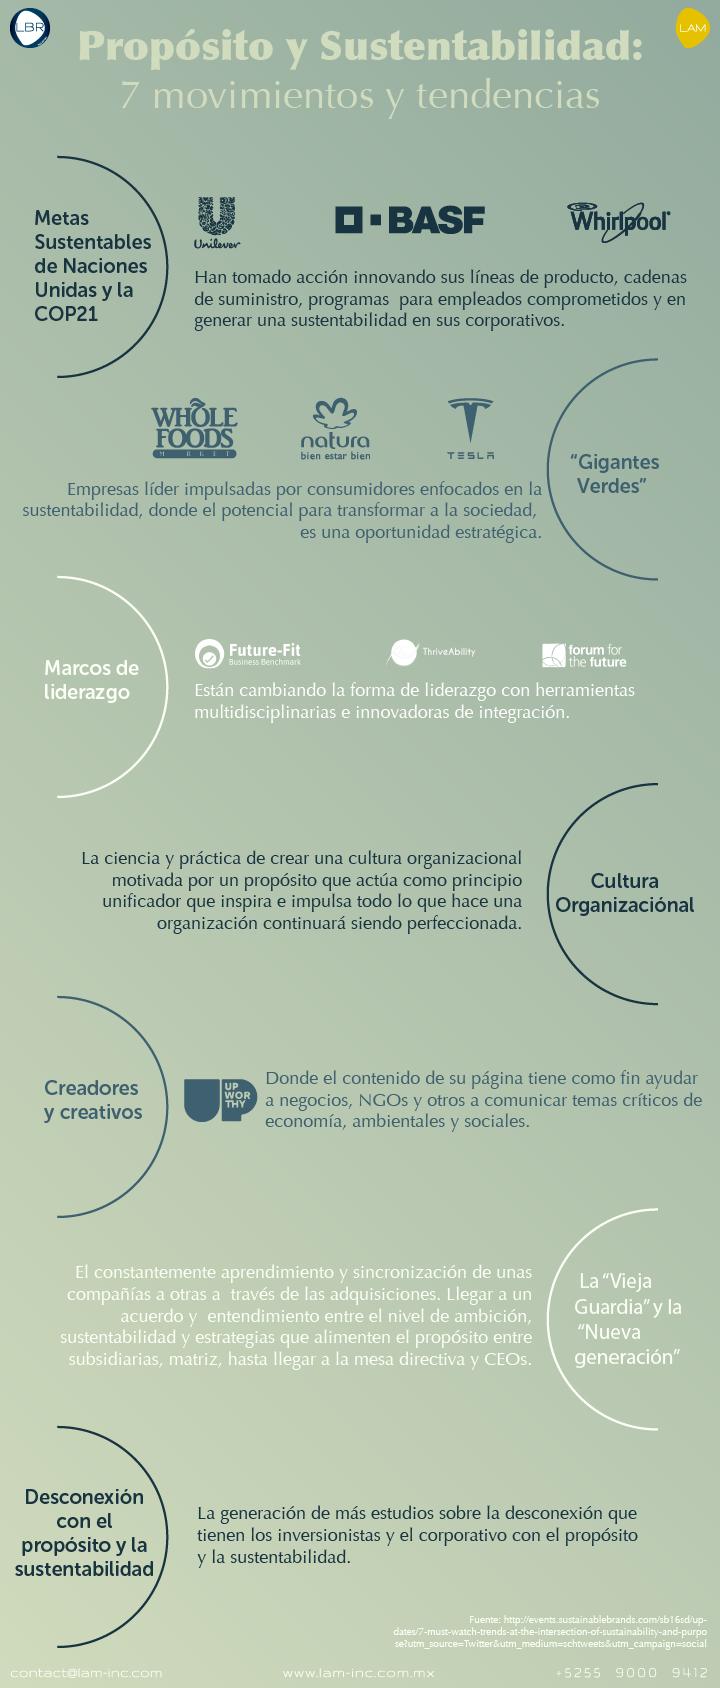 Propósito y Sustentabilidad: 7 movimientos y tendencias